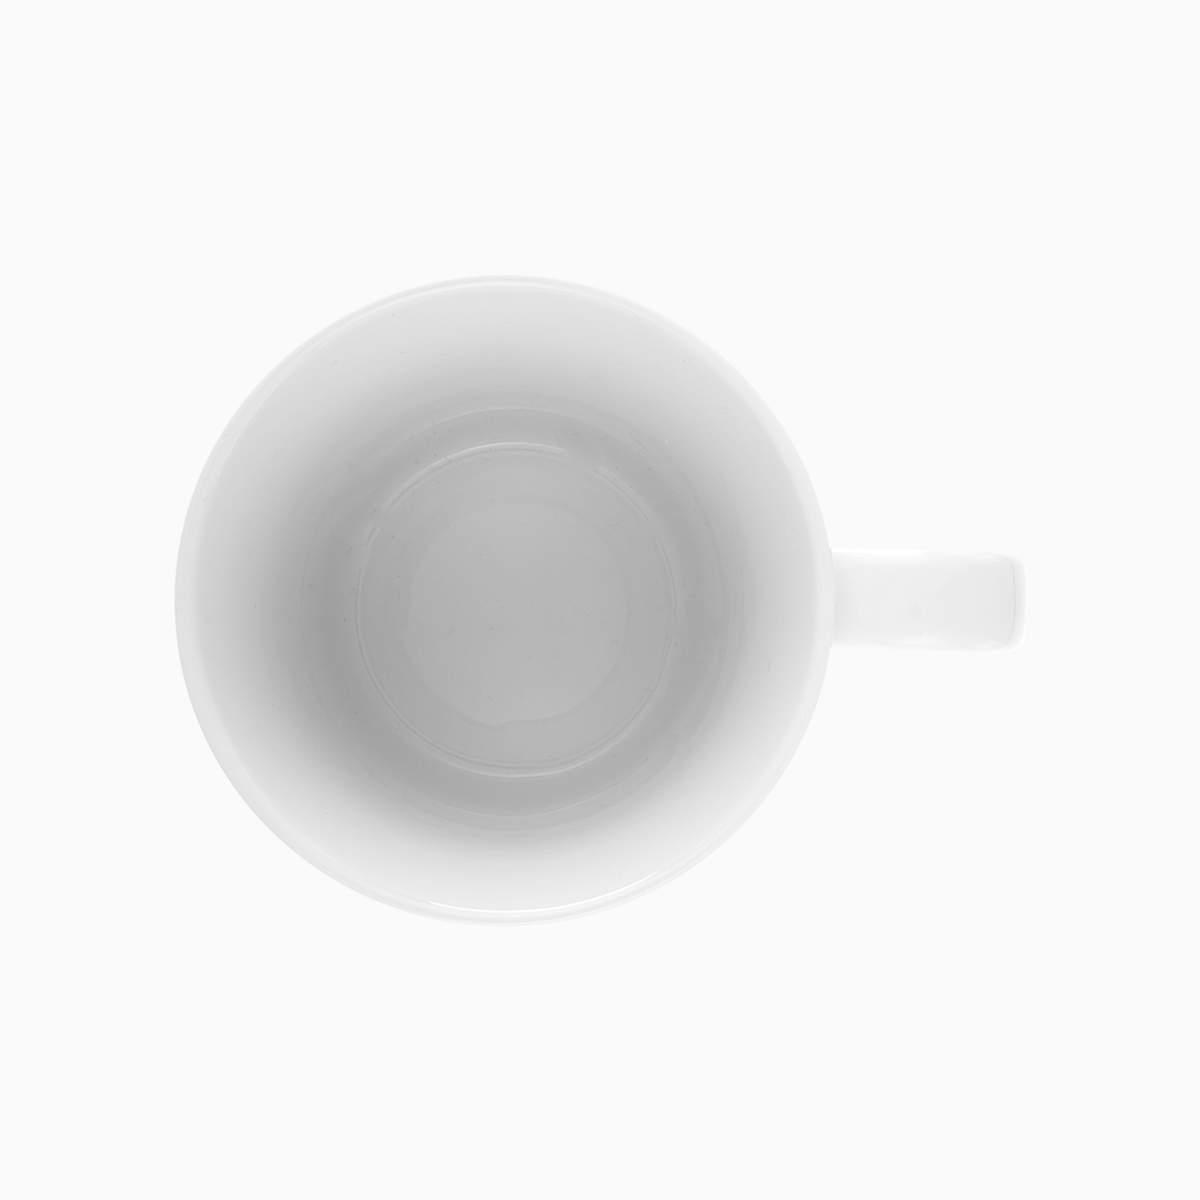 Hnček na kávu